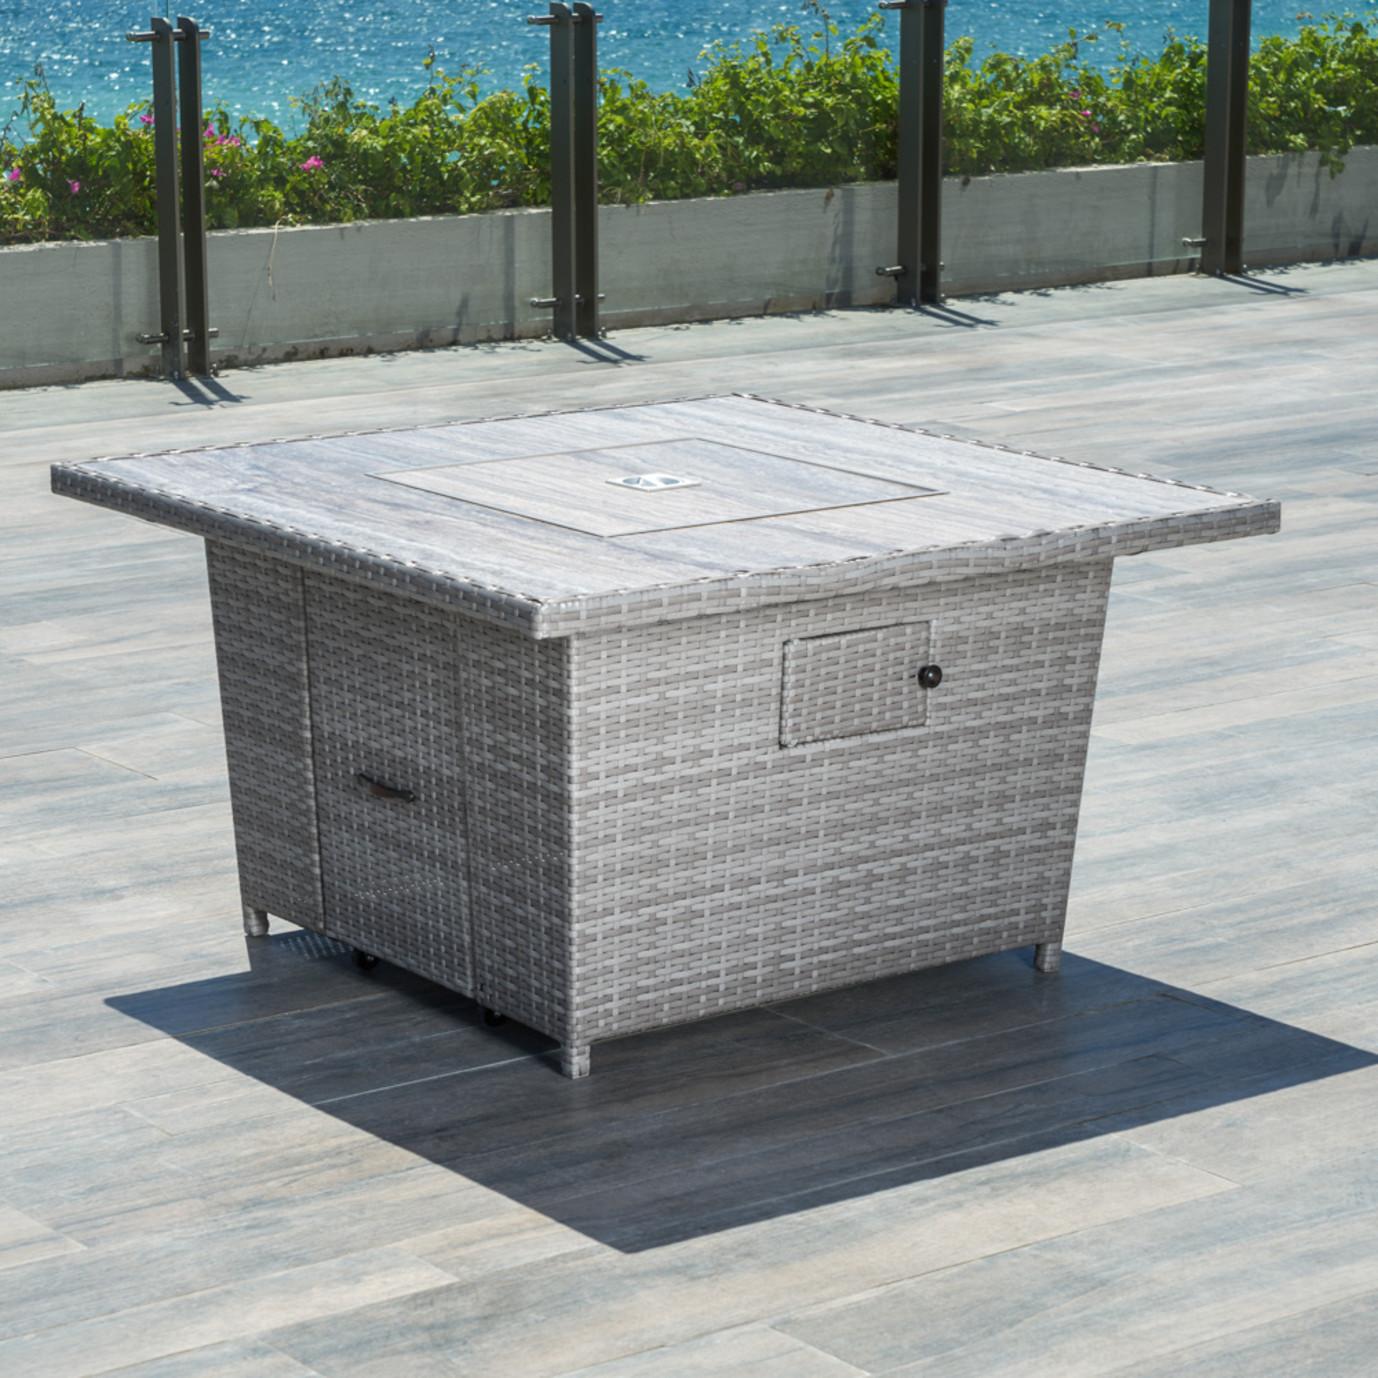 Portofino® Comfort Stone Top Fire Table - Gray